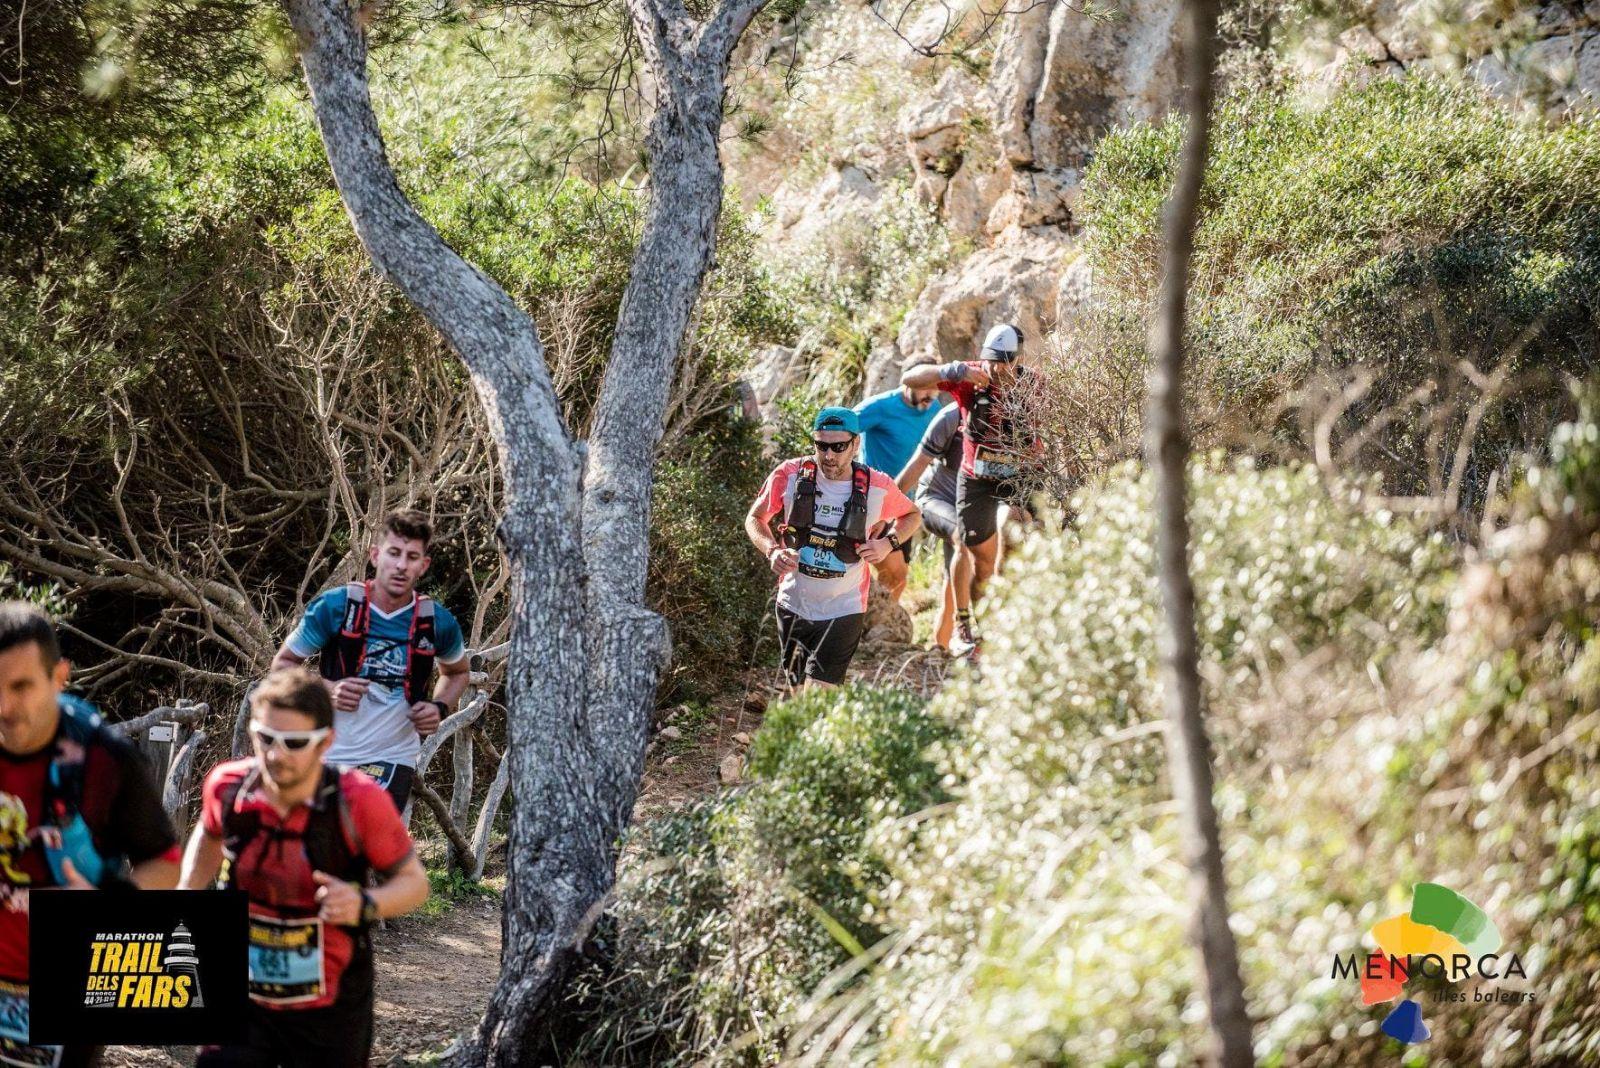 Trial Running Minorque 5 | Trail Running Minorque